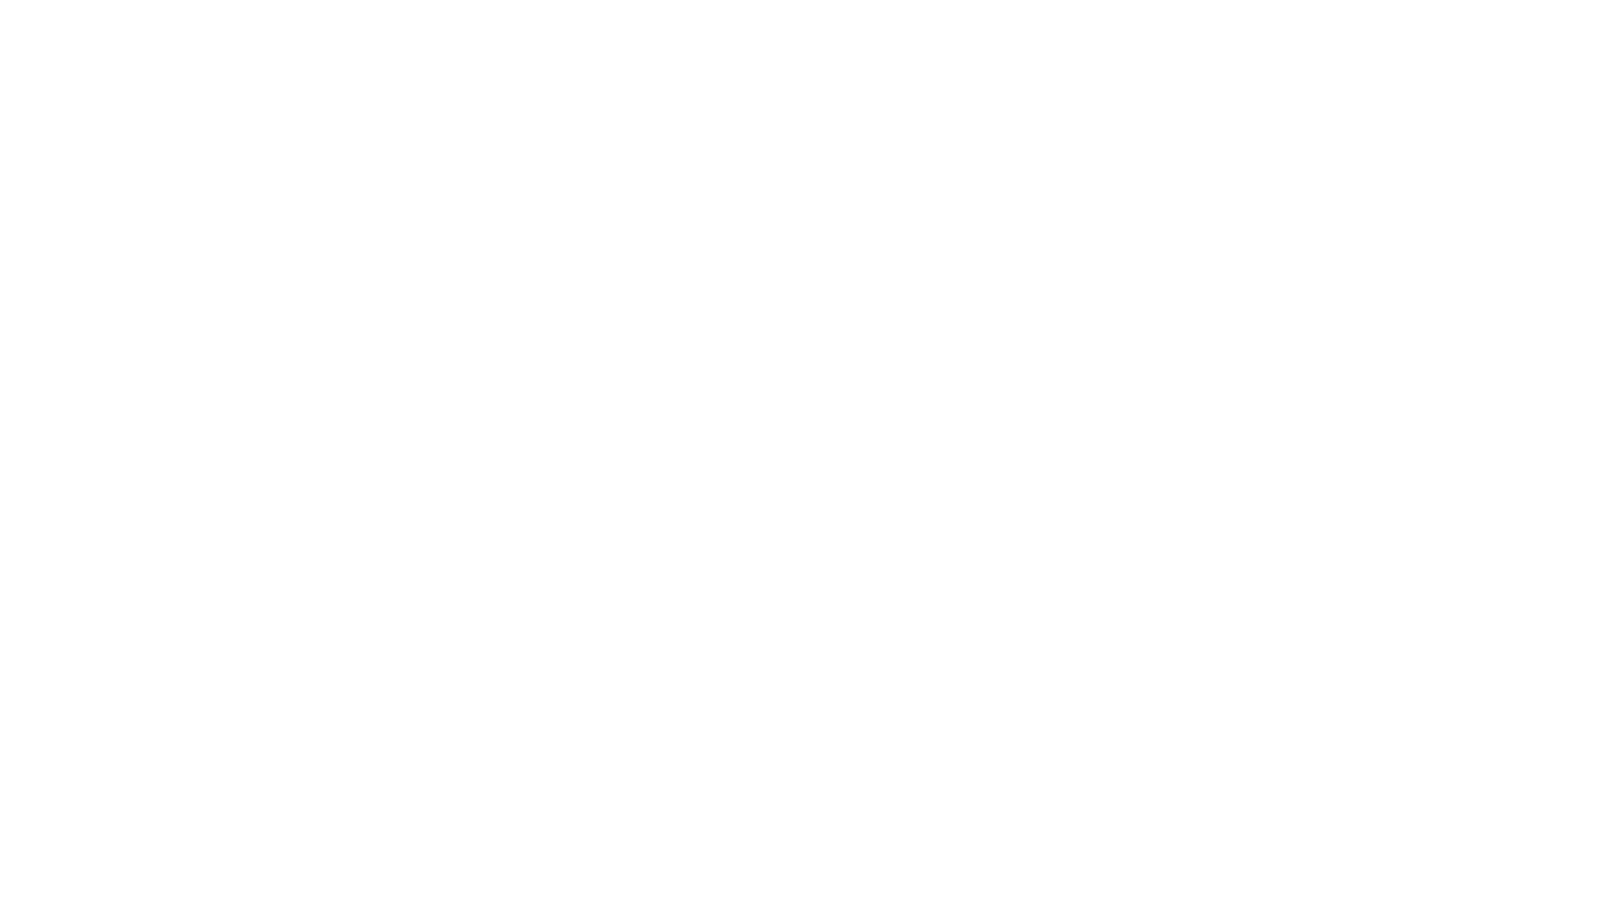 """Fonte: https://www.spreaker.com/user/12377929/sabato-24-luglio-2021  Dal Vangelo secondo Matteo  In quel tempo, Gesù espose alla folla un'altra parabola, dicendo:  «Il regno dei cieli è simile a un uomo che ha seminato del buon seme nel suo campo. Ma, mentre tutti dormivano, venne il suo nemico, seminò della zizzania in mezzo al grano e se ne andò. Quando poi lo stelo crebbe e fece frutto, spuntò anche la zizzania.  Allora i servi andarono dal padrone di casa e gli dissero: """"Signore, non hai seminato del buon seme nel tuo campo? Da dove viene la zizzania?"""". Ed egli rispose loro: """"Un nemico ha fatto questo!"""".  E i servi gli dissero: """"Vuoi che andiamo a raccoglierla?"""". """"No, rispose, perché non succeda che, raccogliendo la zizzania, con essa sradichiate anche il grano. Lasciate che l'una e l'altro crescano insieme fino alla mietitura e al momento della mietitura dirò ai mietitori: Raccogliete prima la zizzania e legatela in fasci per bruciarla; il grano invece riponetelo nel mio granaio""""».   Commento di Don Carlo (Ocio), sacerdote della Diocesi di Cuneo  Podcast che fa parte dell'aggregatore Bar Abba: www.bar-abba"""